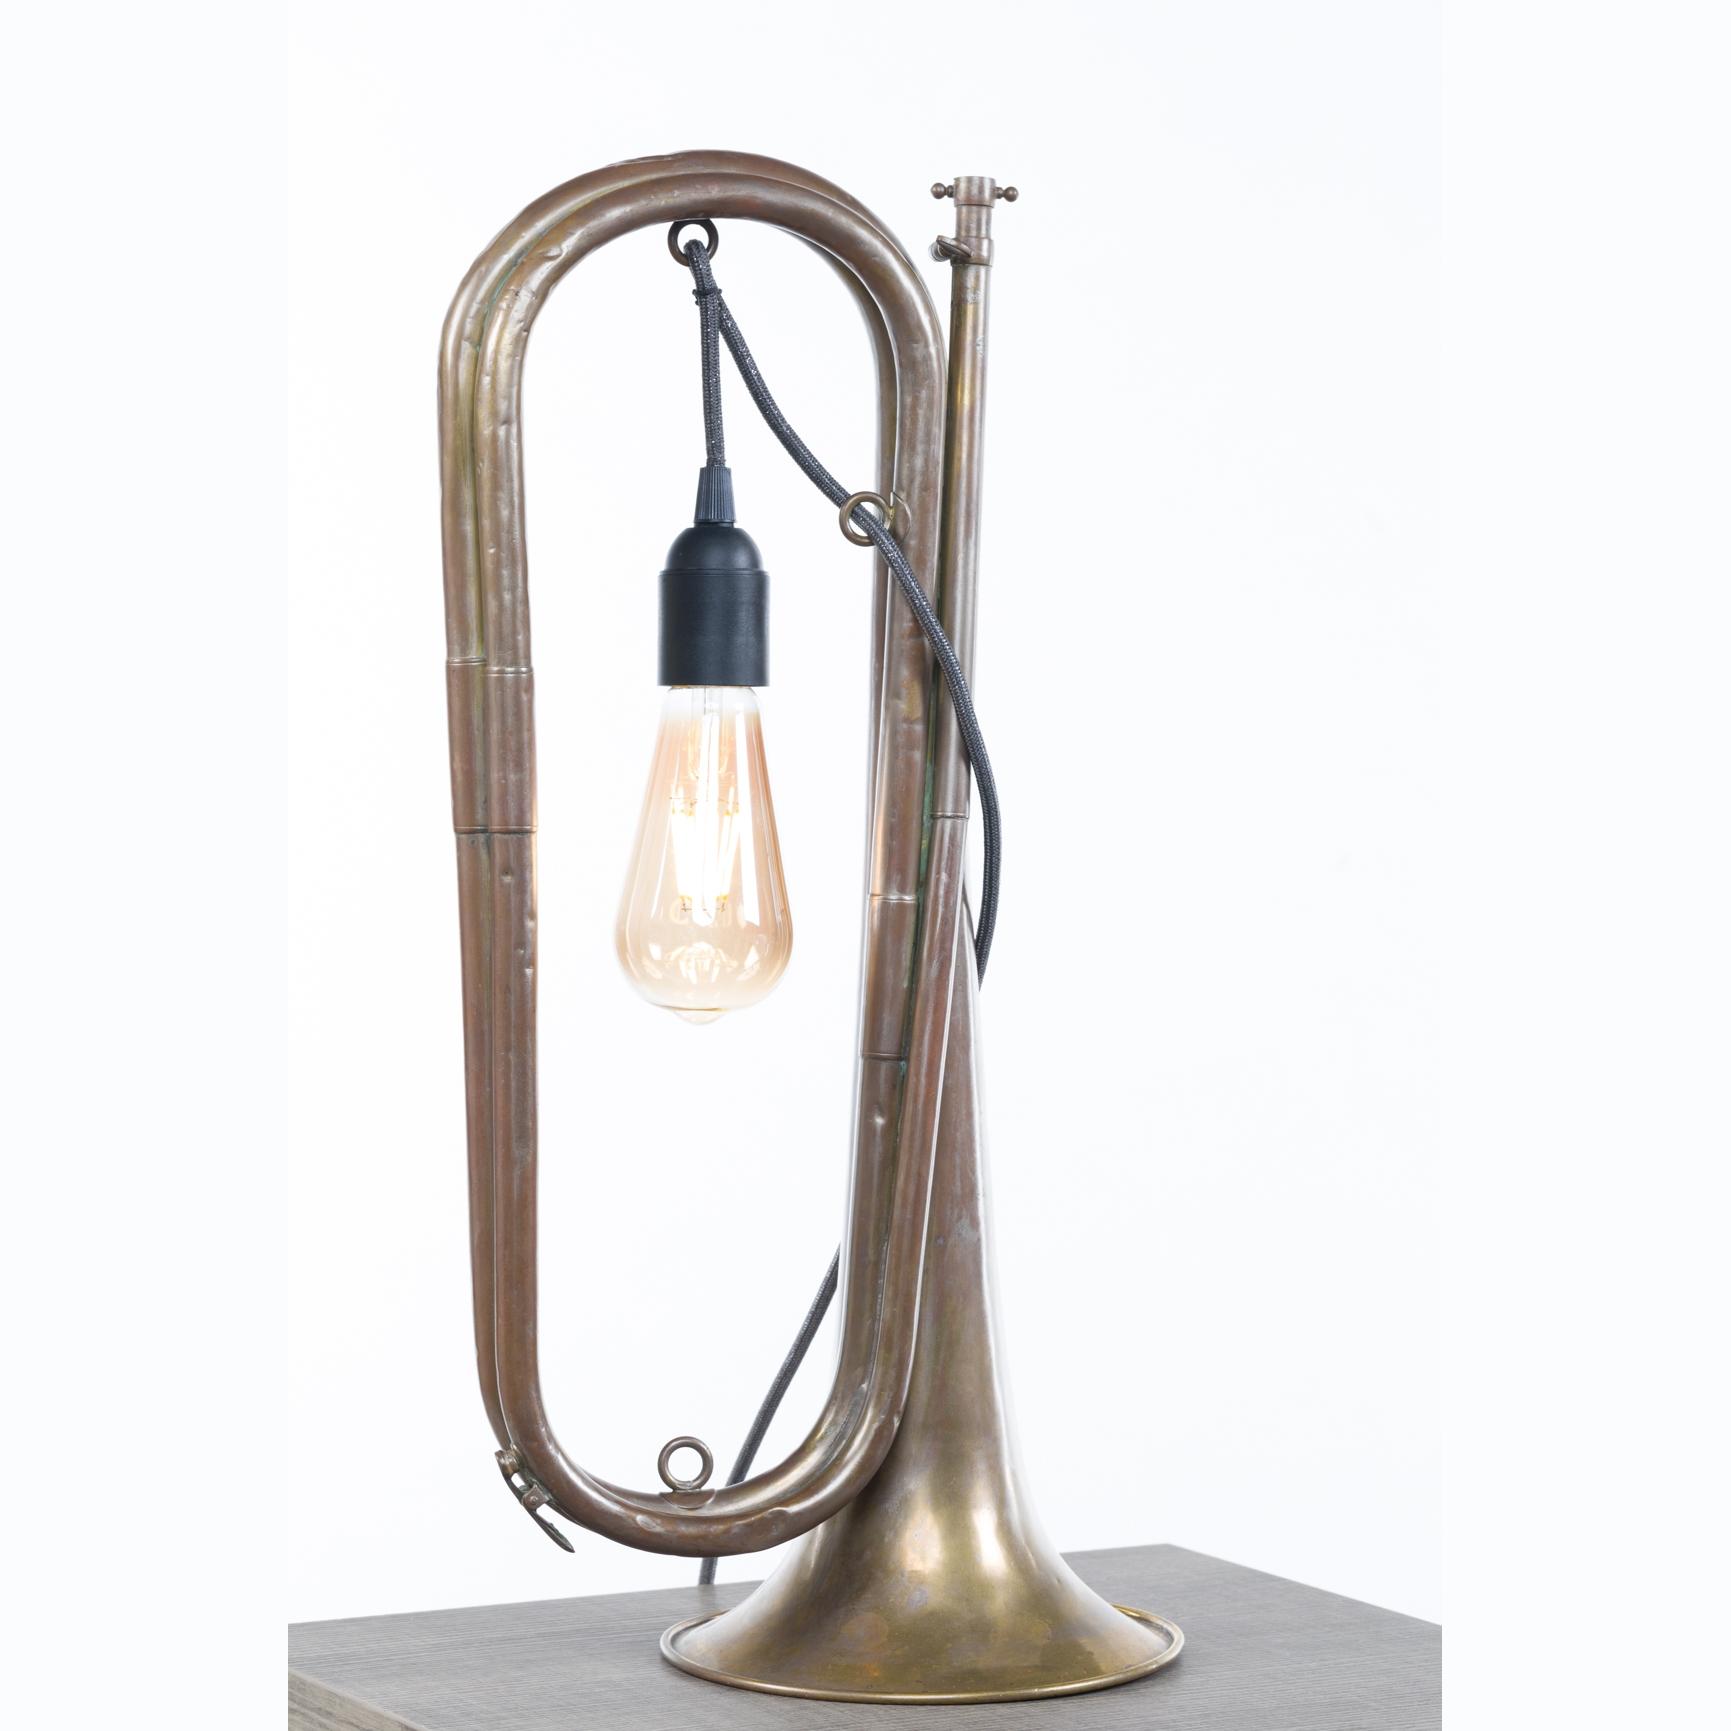 kelvin et lumen luminaires suspensions lustres livres seconde vie librairie bibliothèque ampoule LED